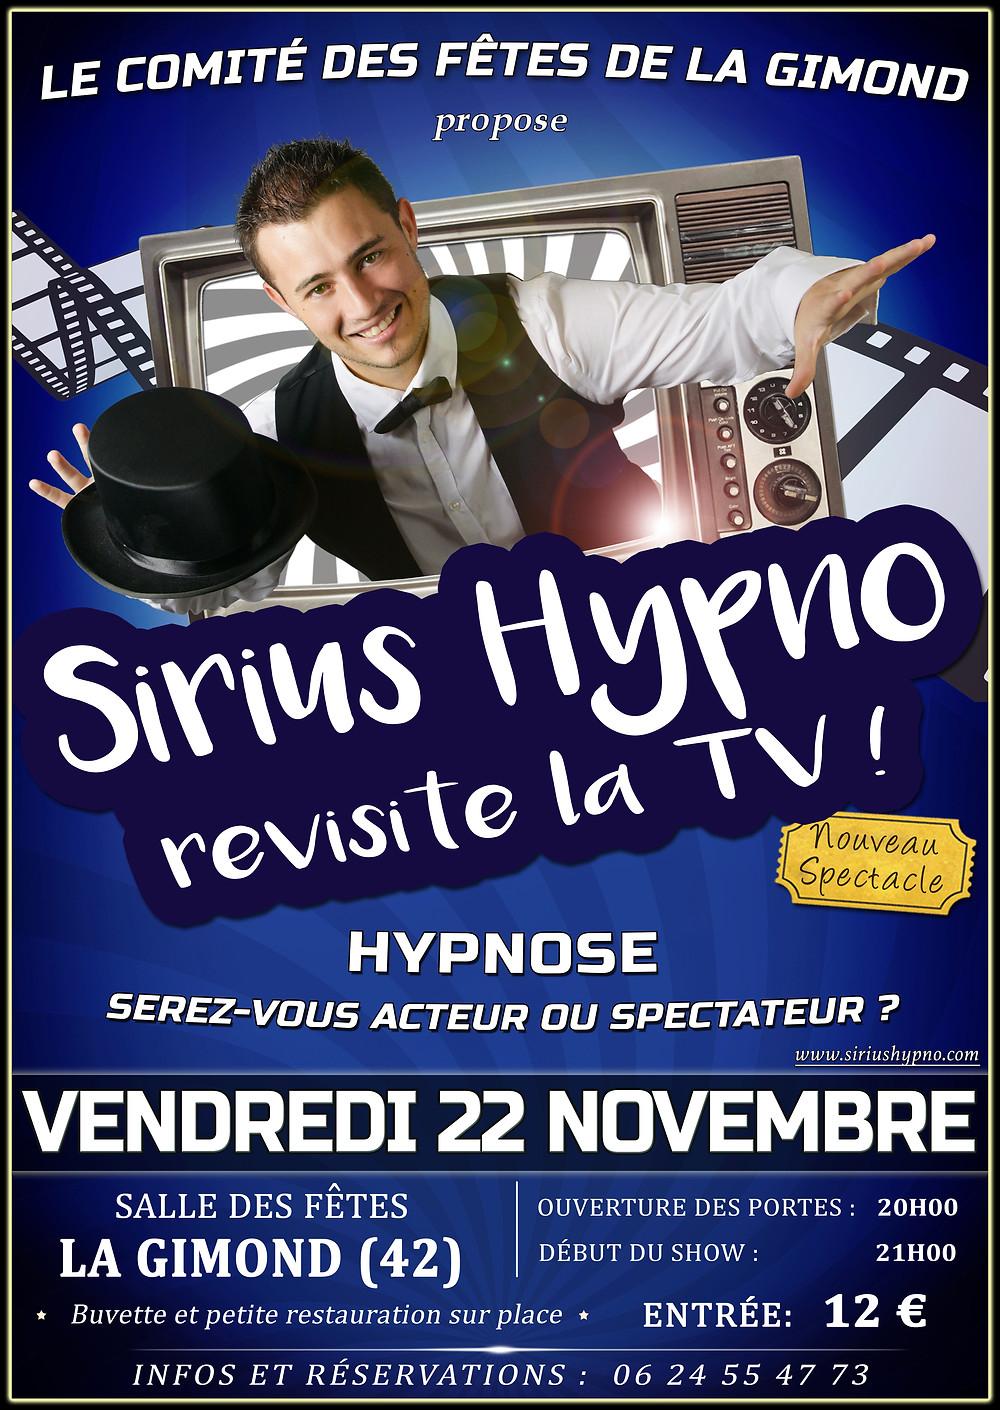 Affiche Spectacle Sirius Hypnose Hypnose Hypnotiseur de spectacle La Gimond Loire 2019